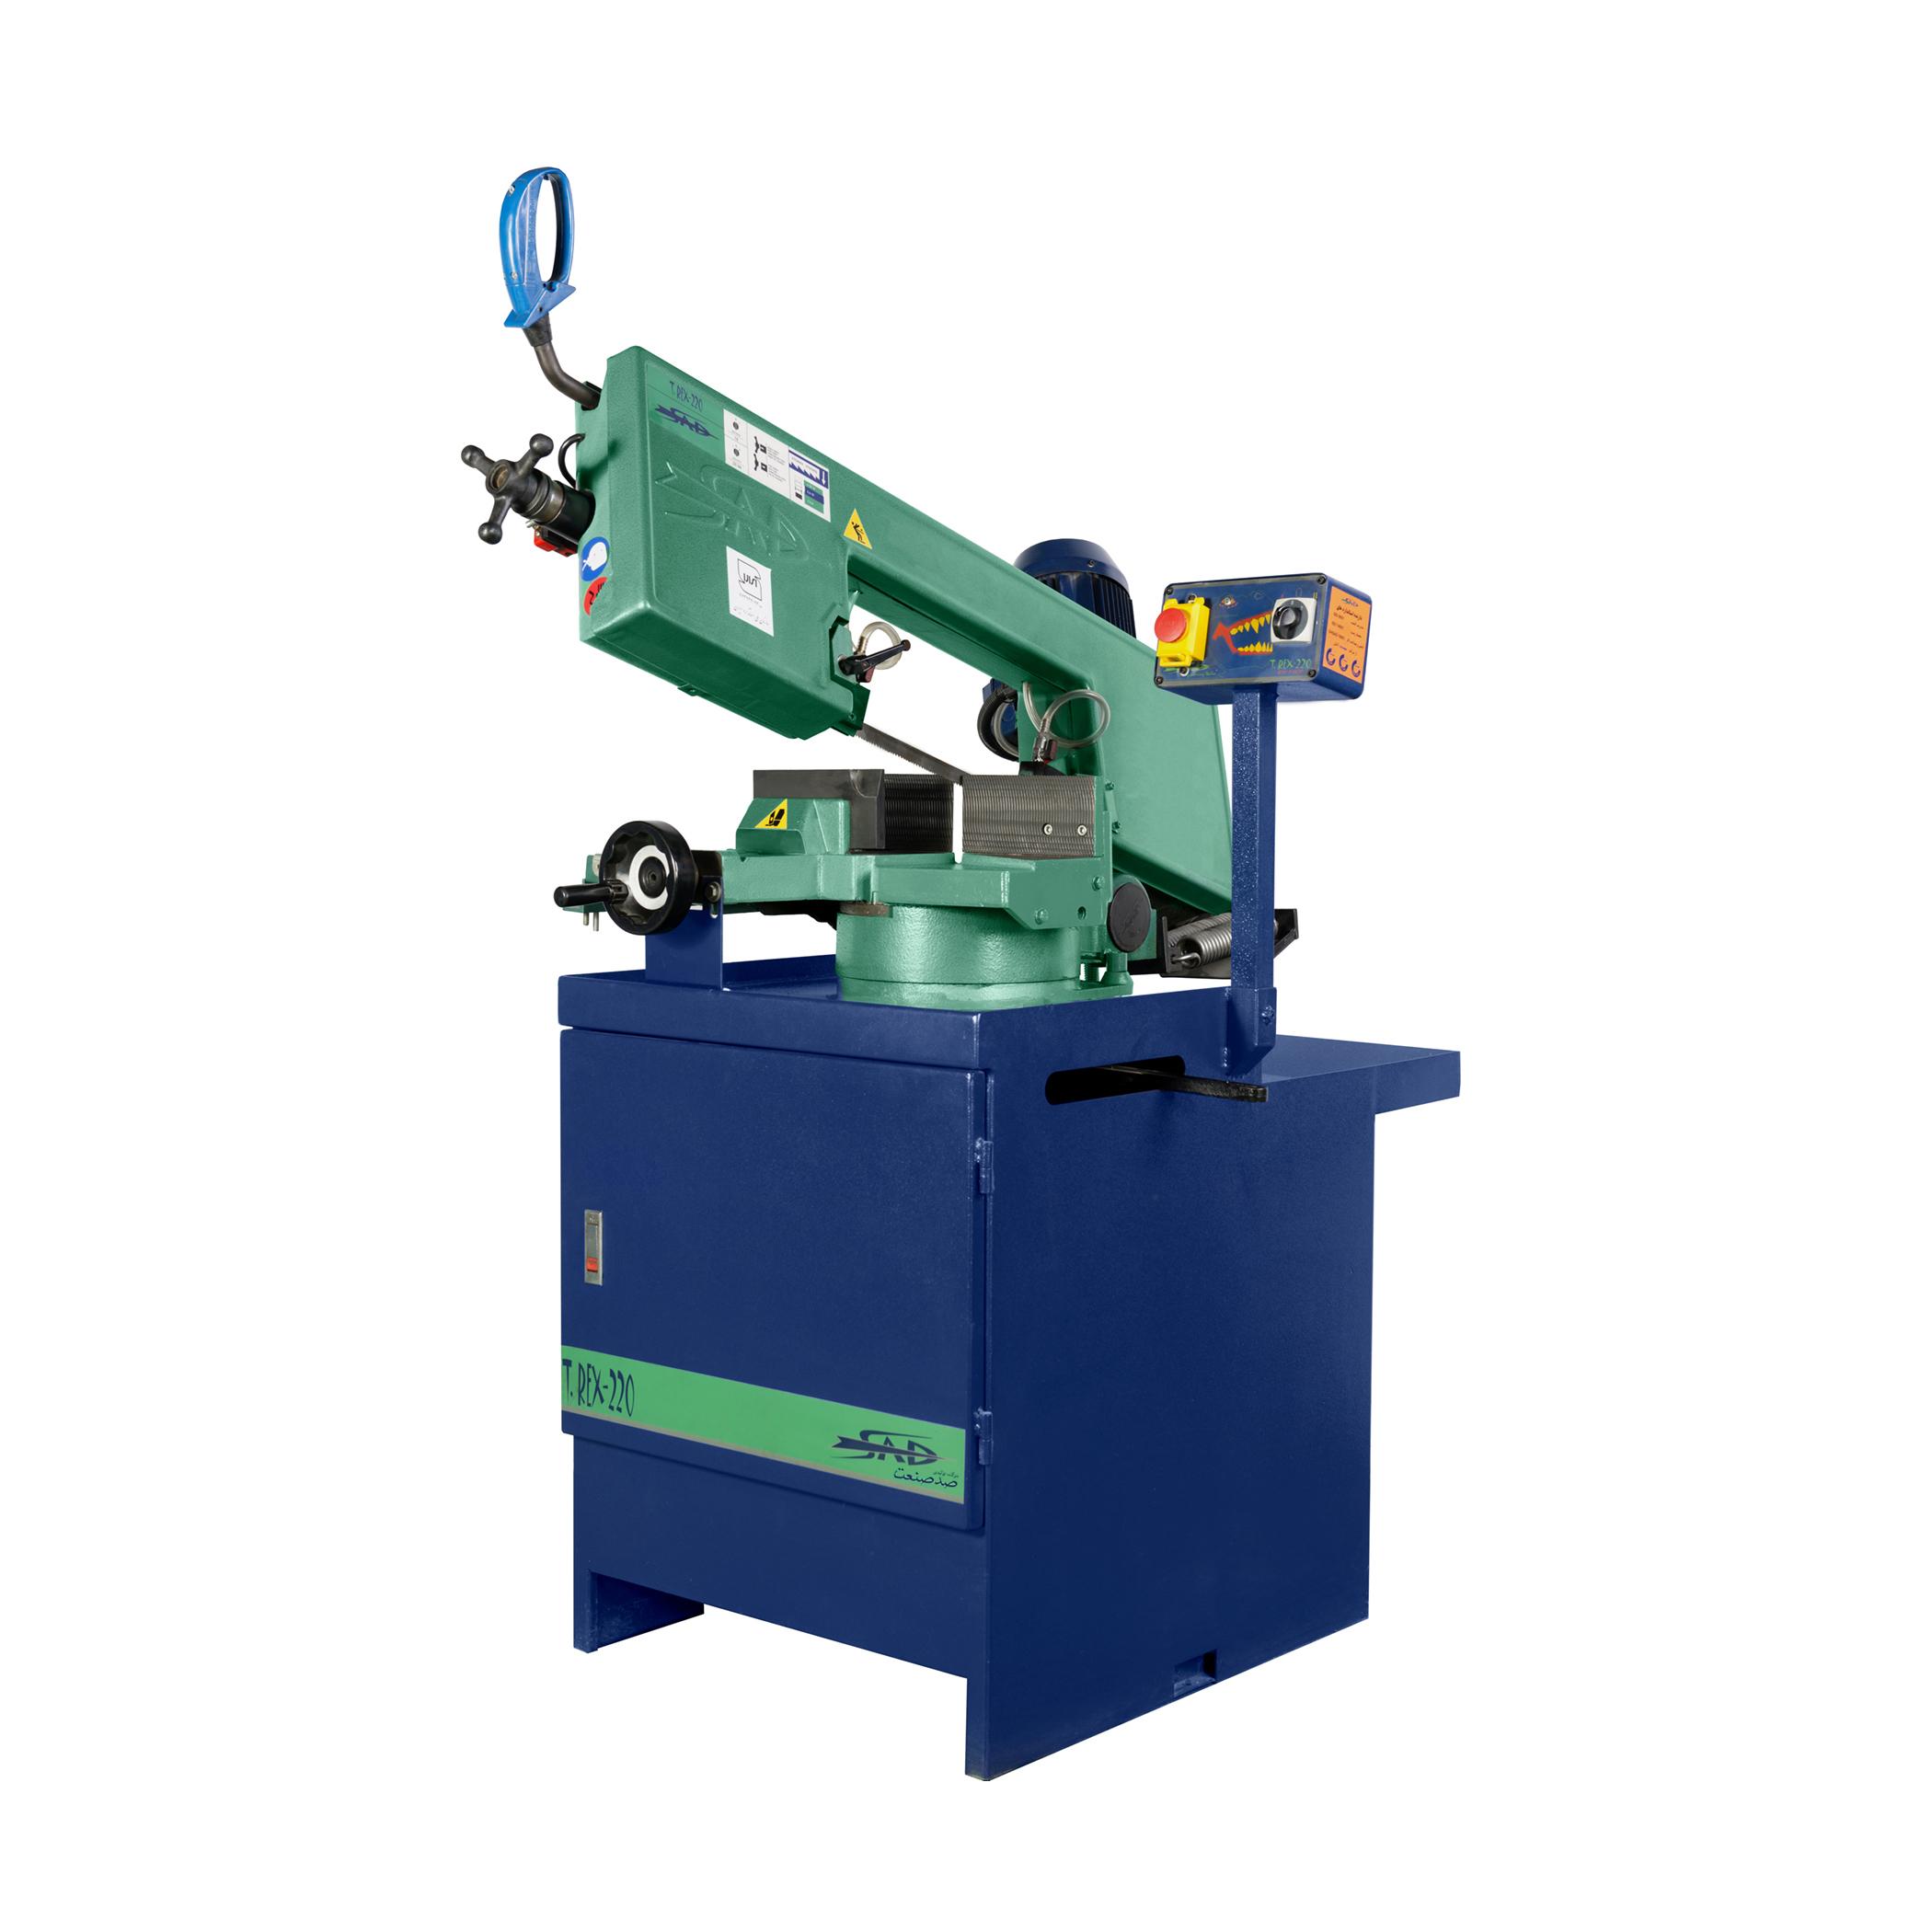 دستگاه اره نواری فولادبر صد صنعت کد 260